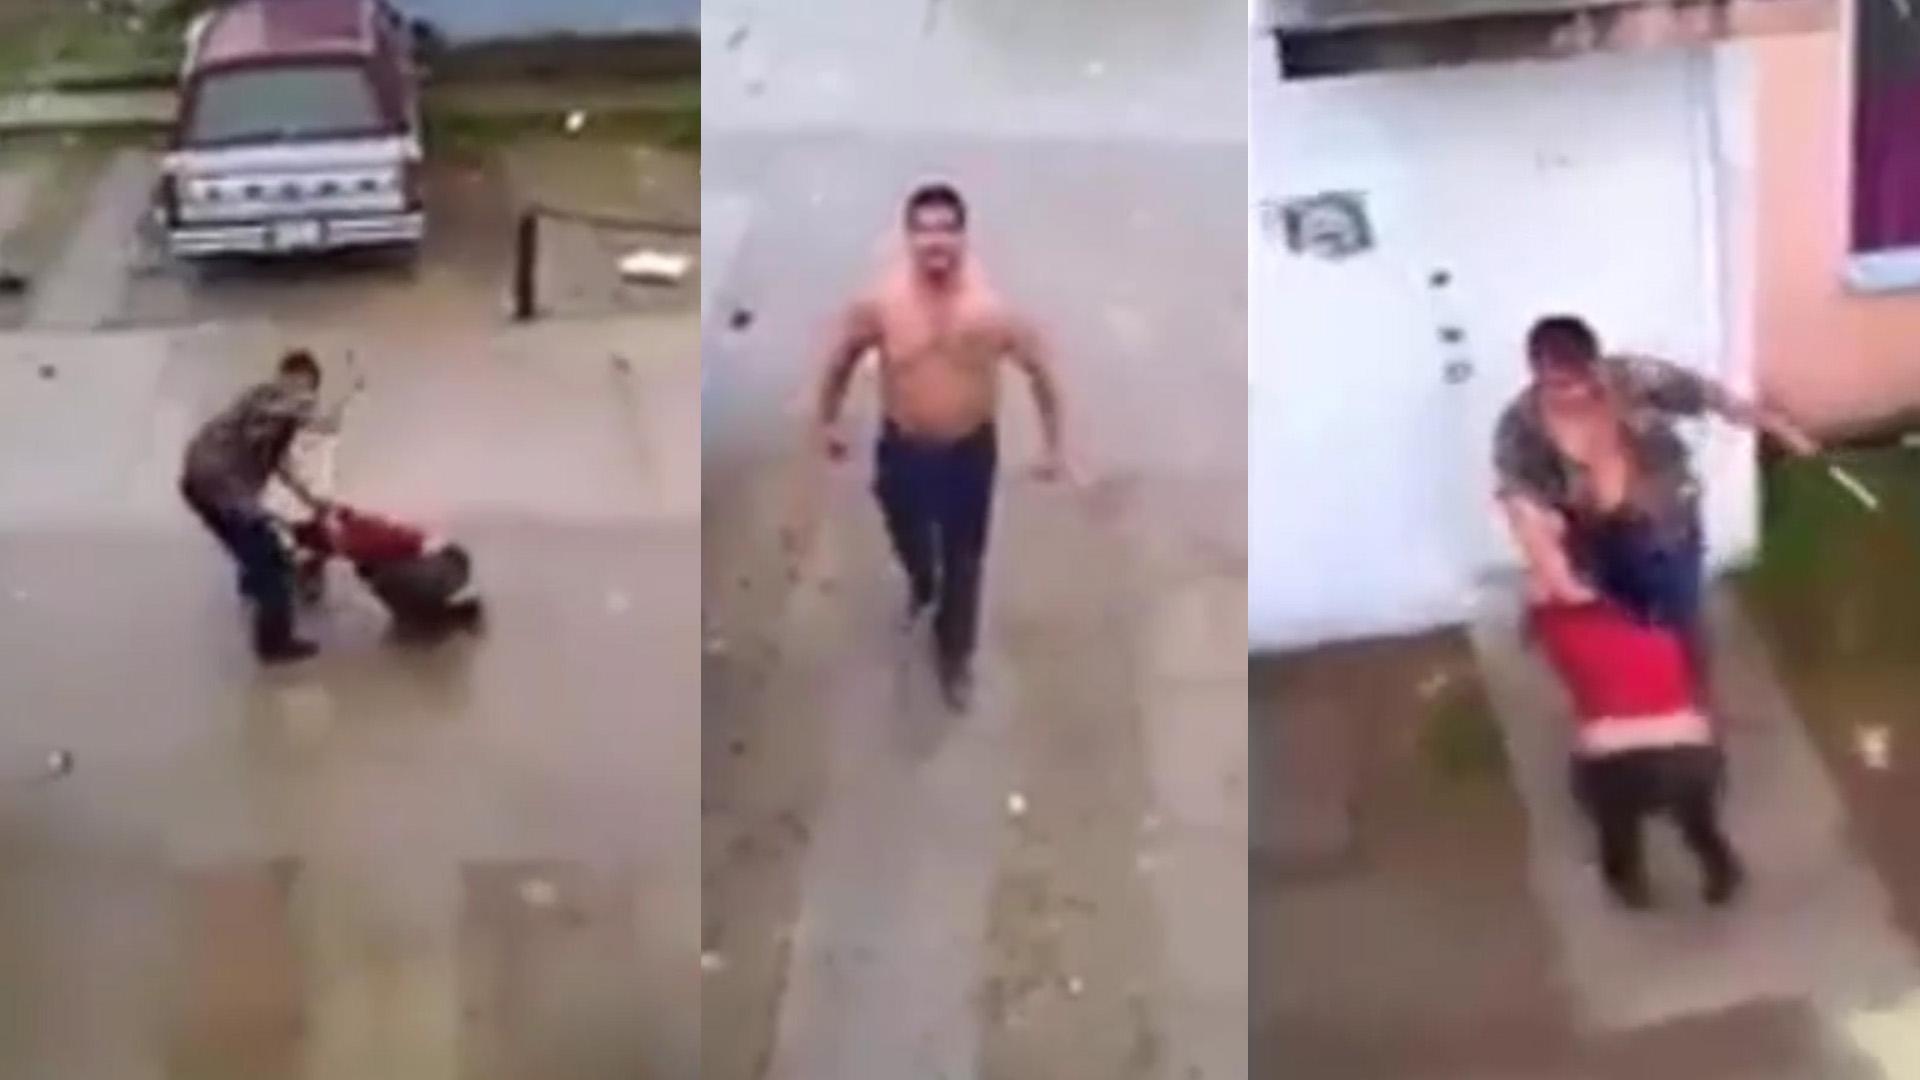 Militar golpea a una mujer. Piden colaboración ciudadana (video)